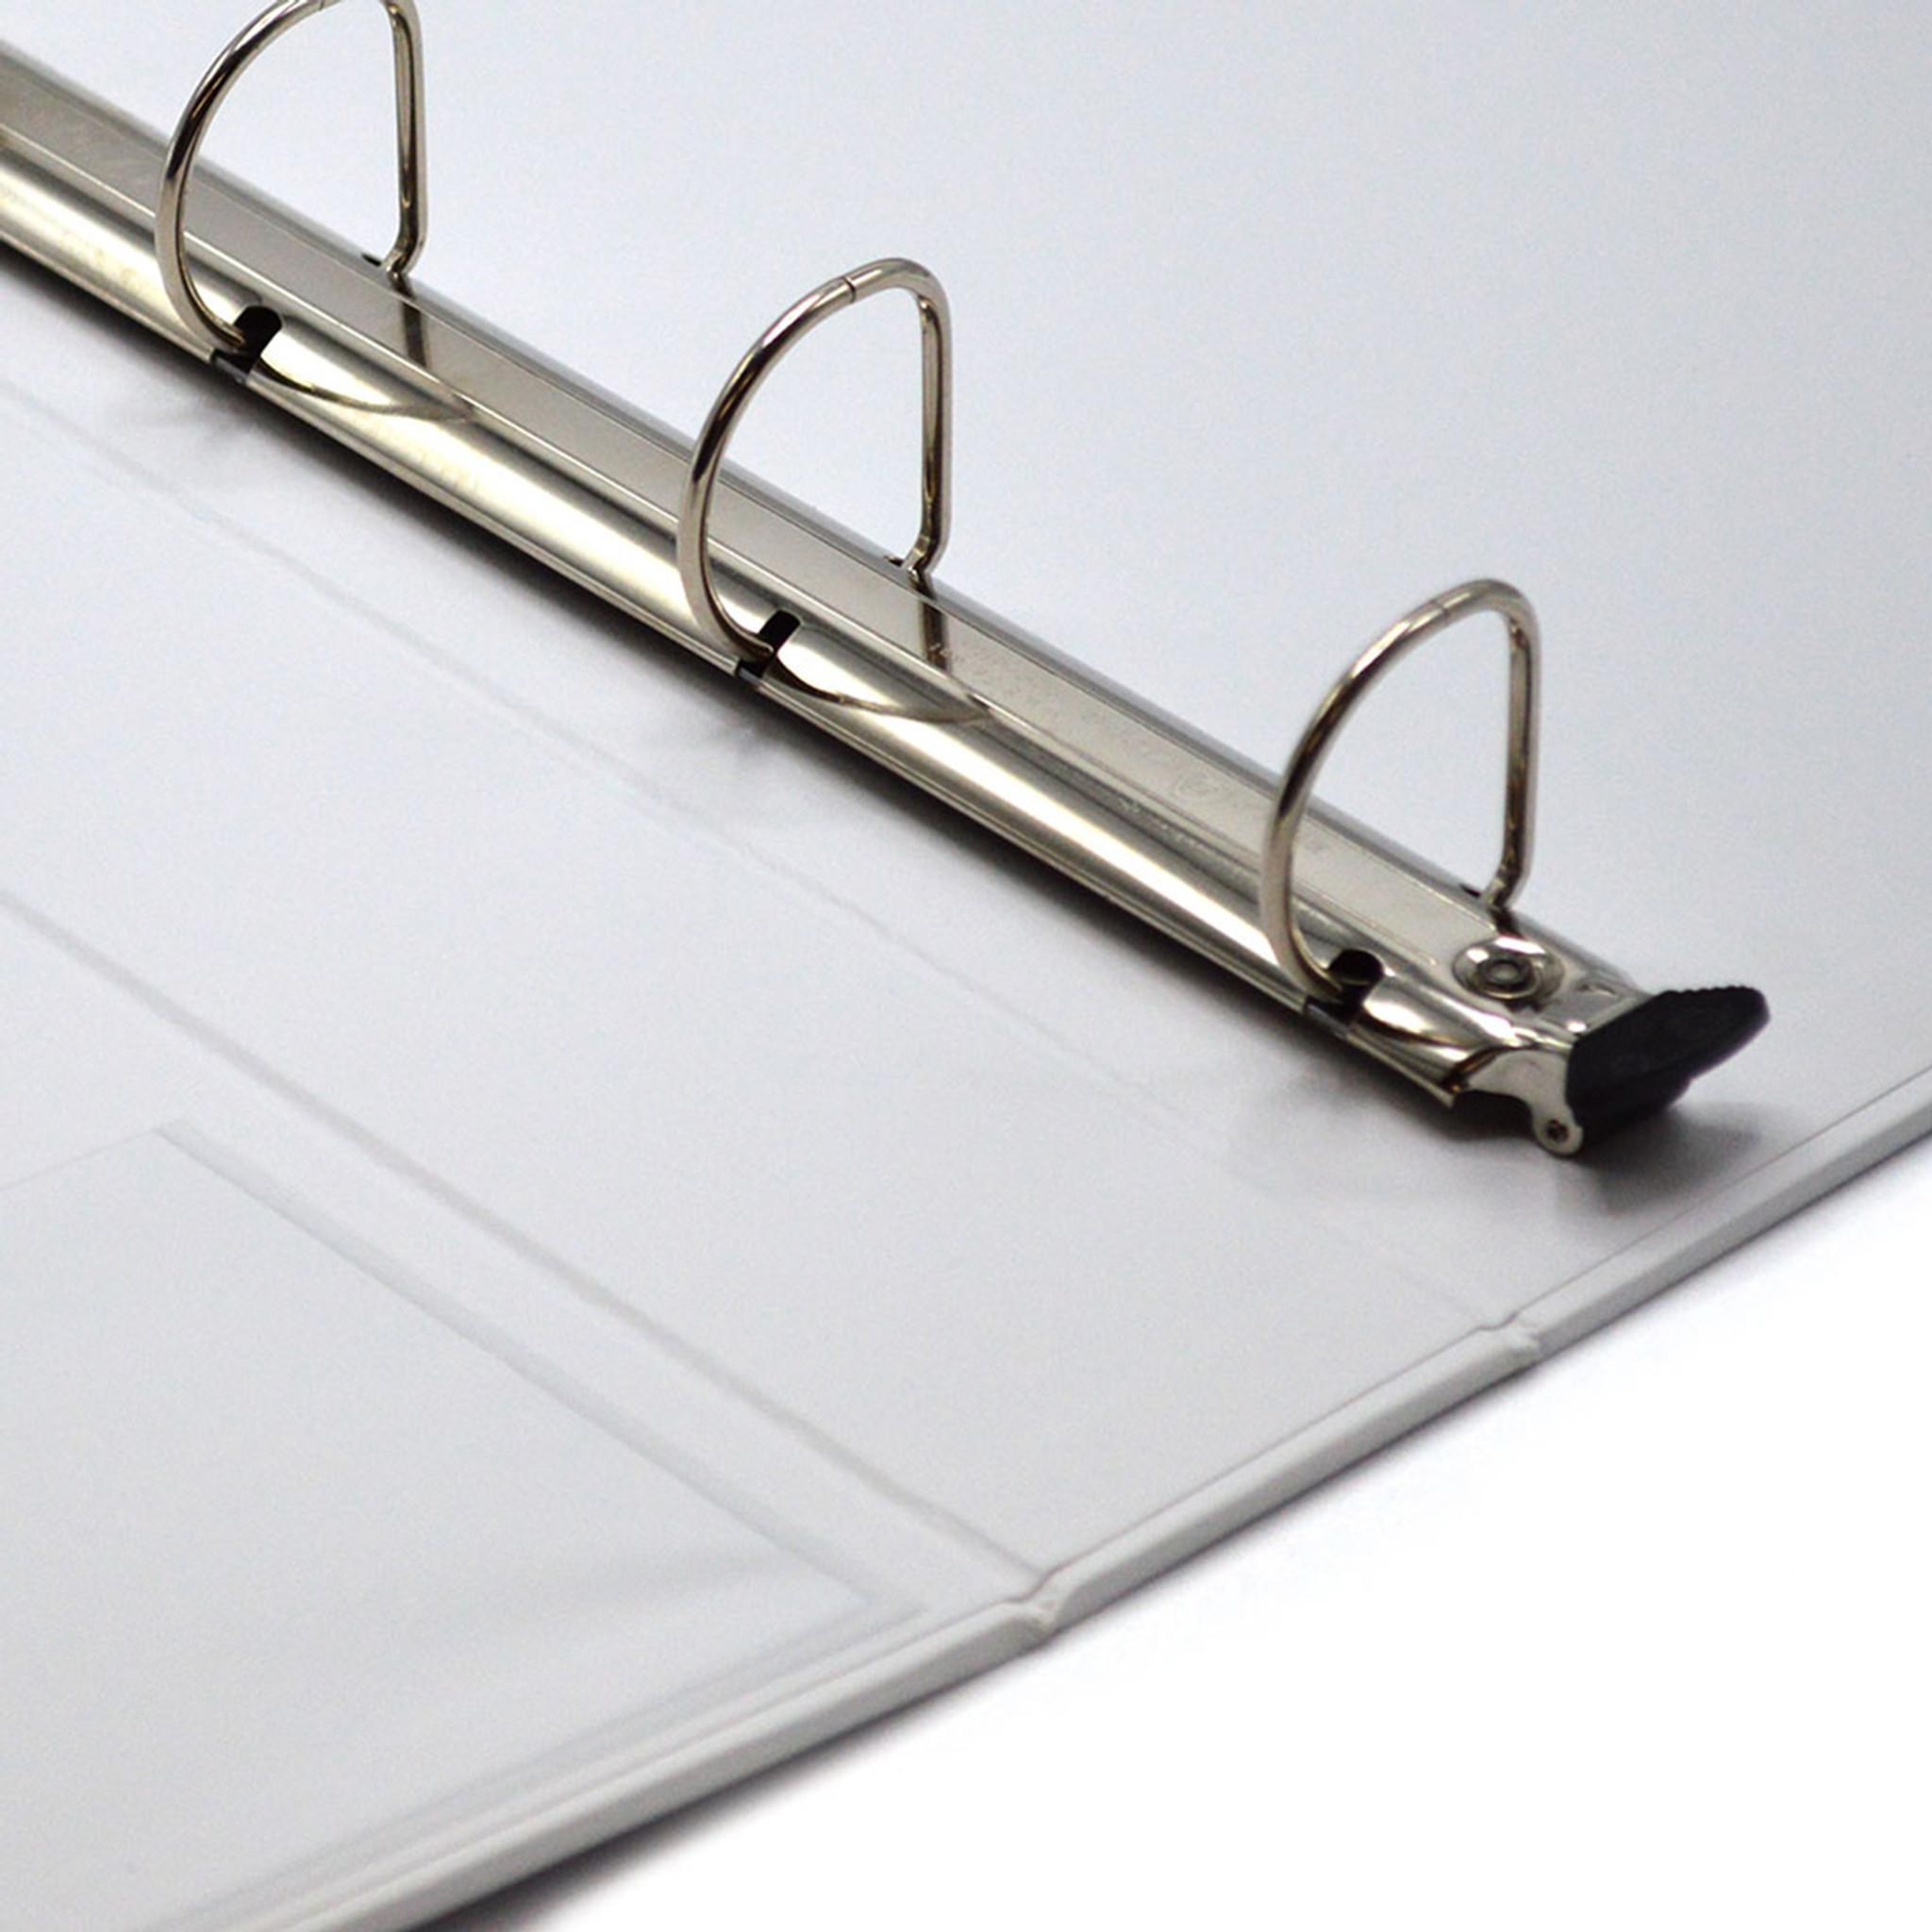 Binders | Covers | Index Tabs & Dividers | Avery Big Tab ... |Heavy Equipment Binder Tab Names